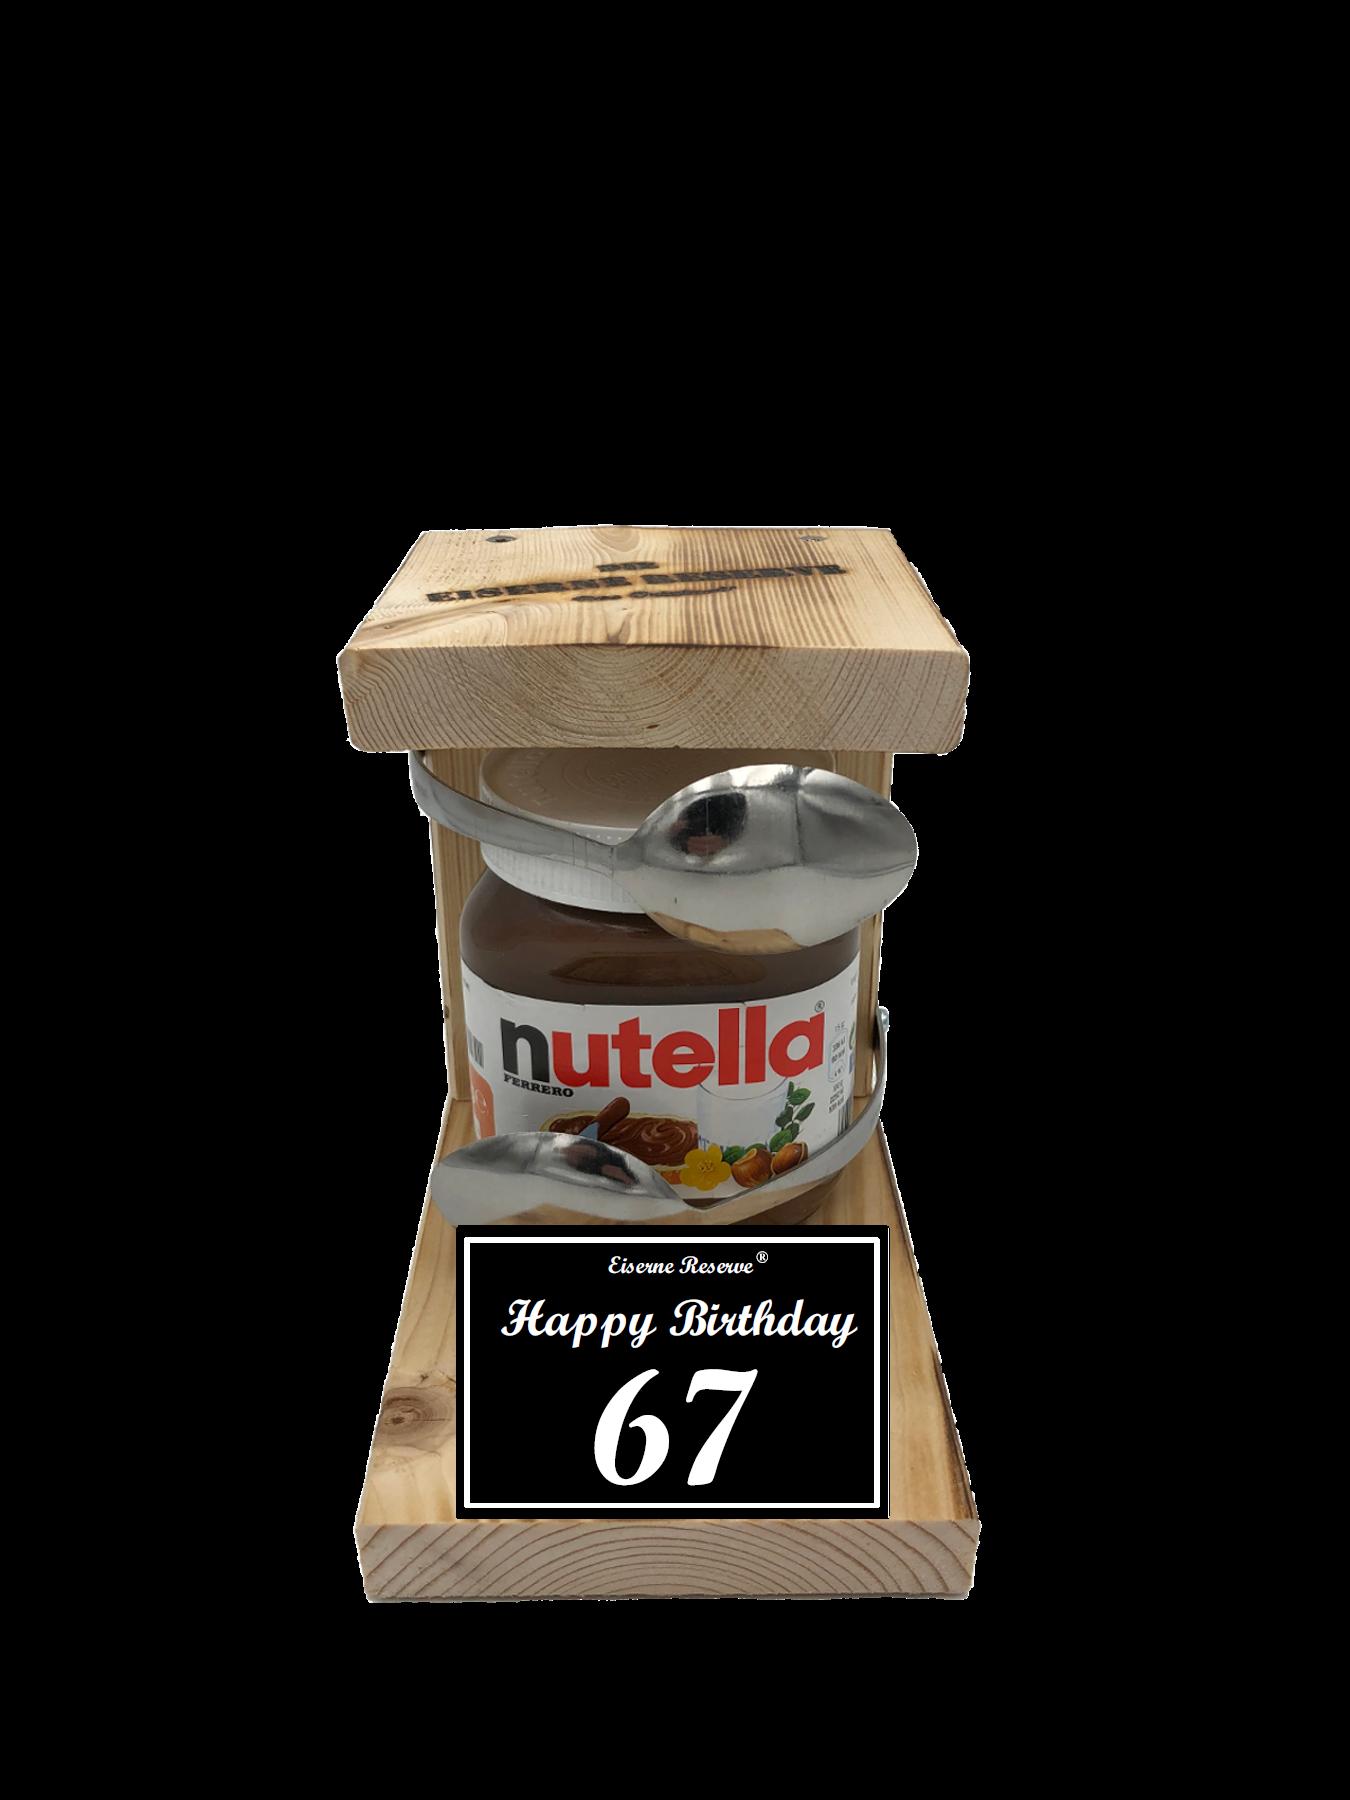 67 Happy Birthday Löffel Nutella Geschenk - Die Nutella Geschenkidee